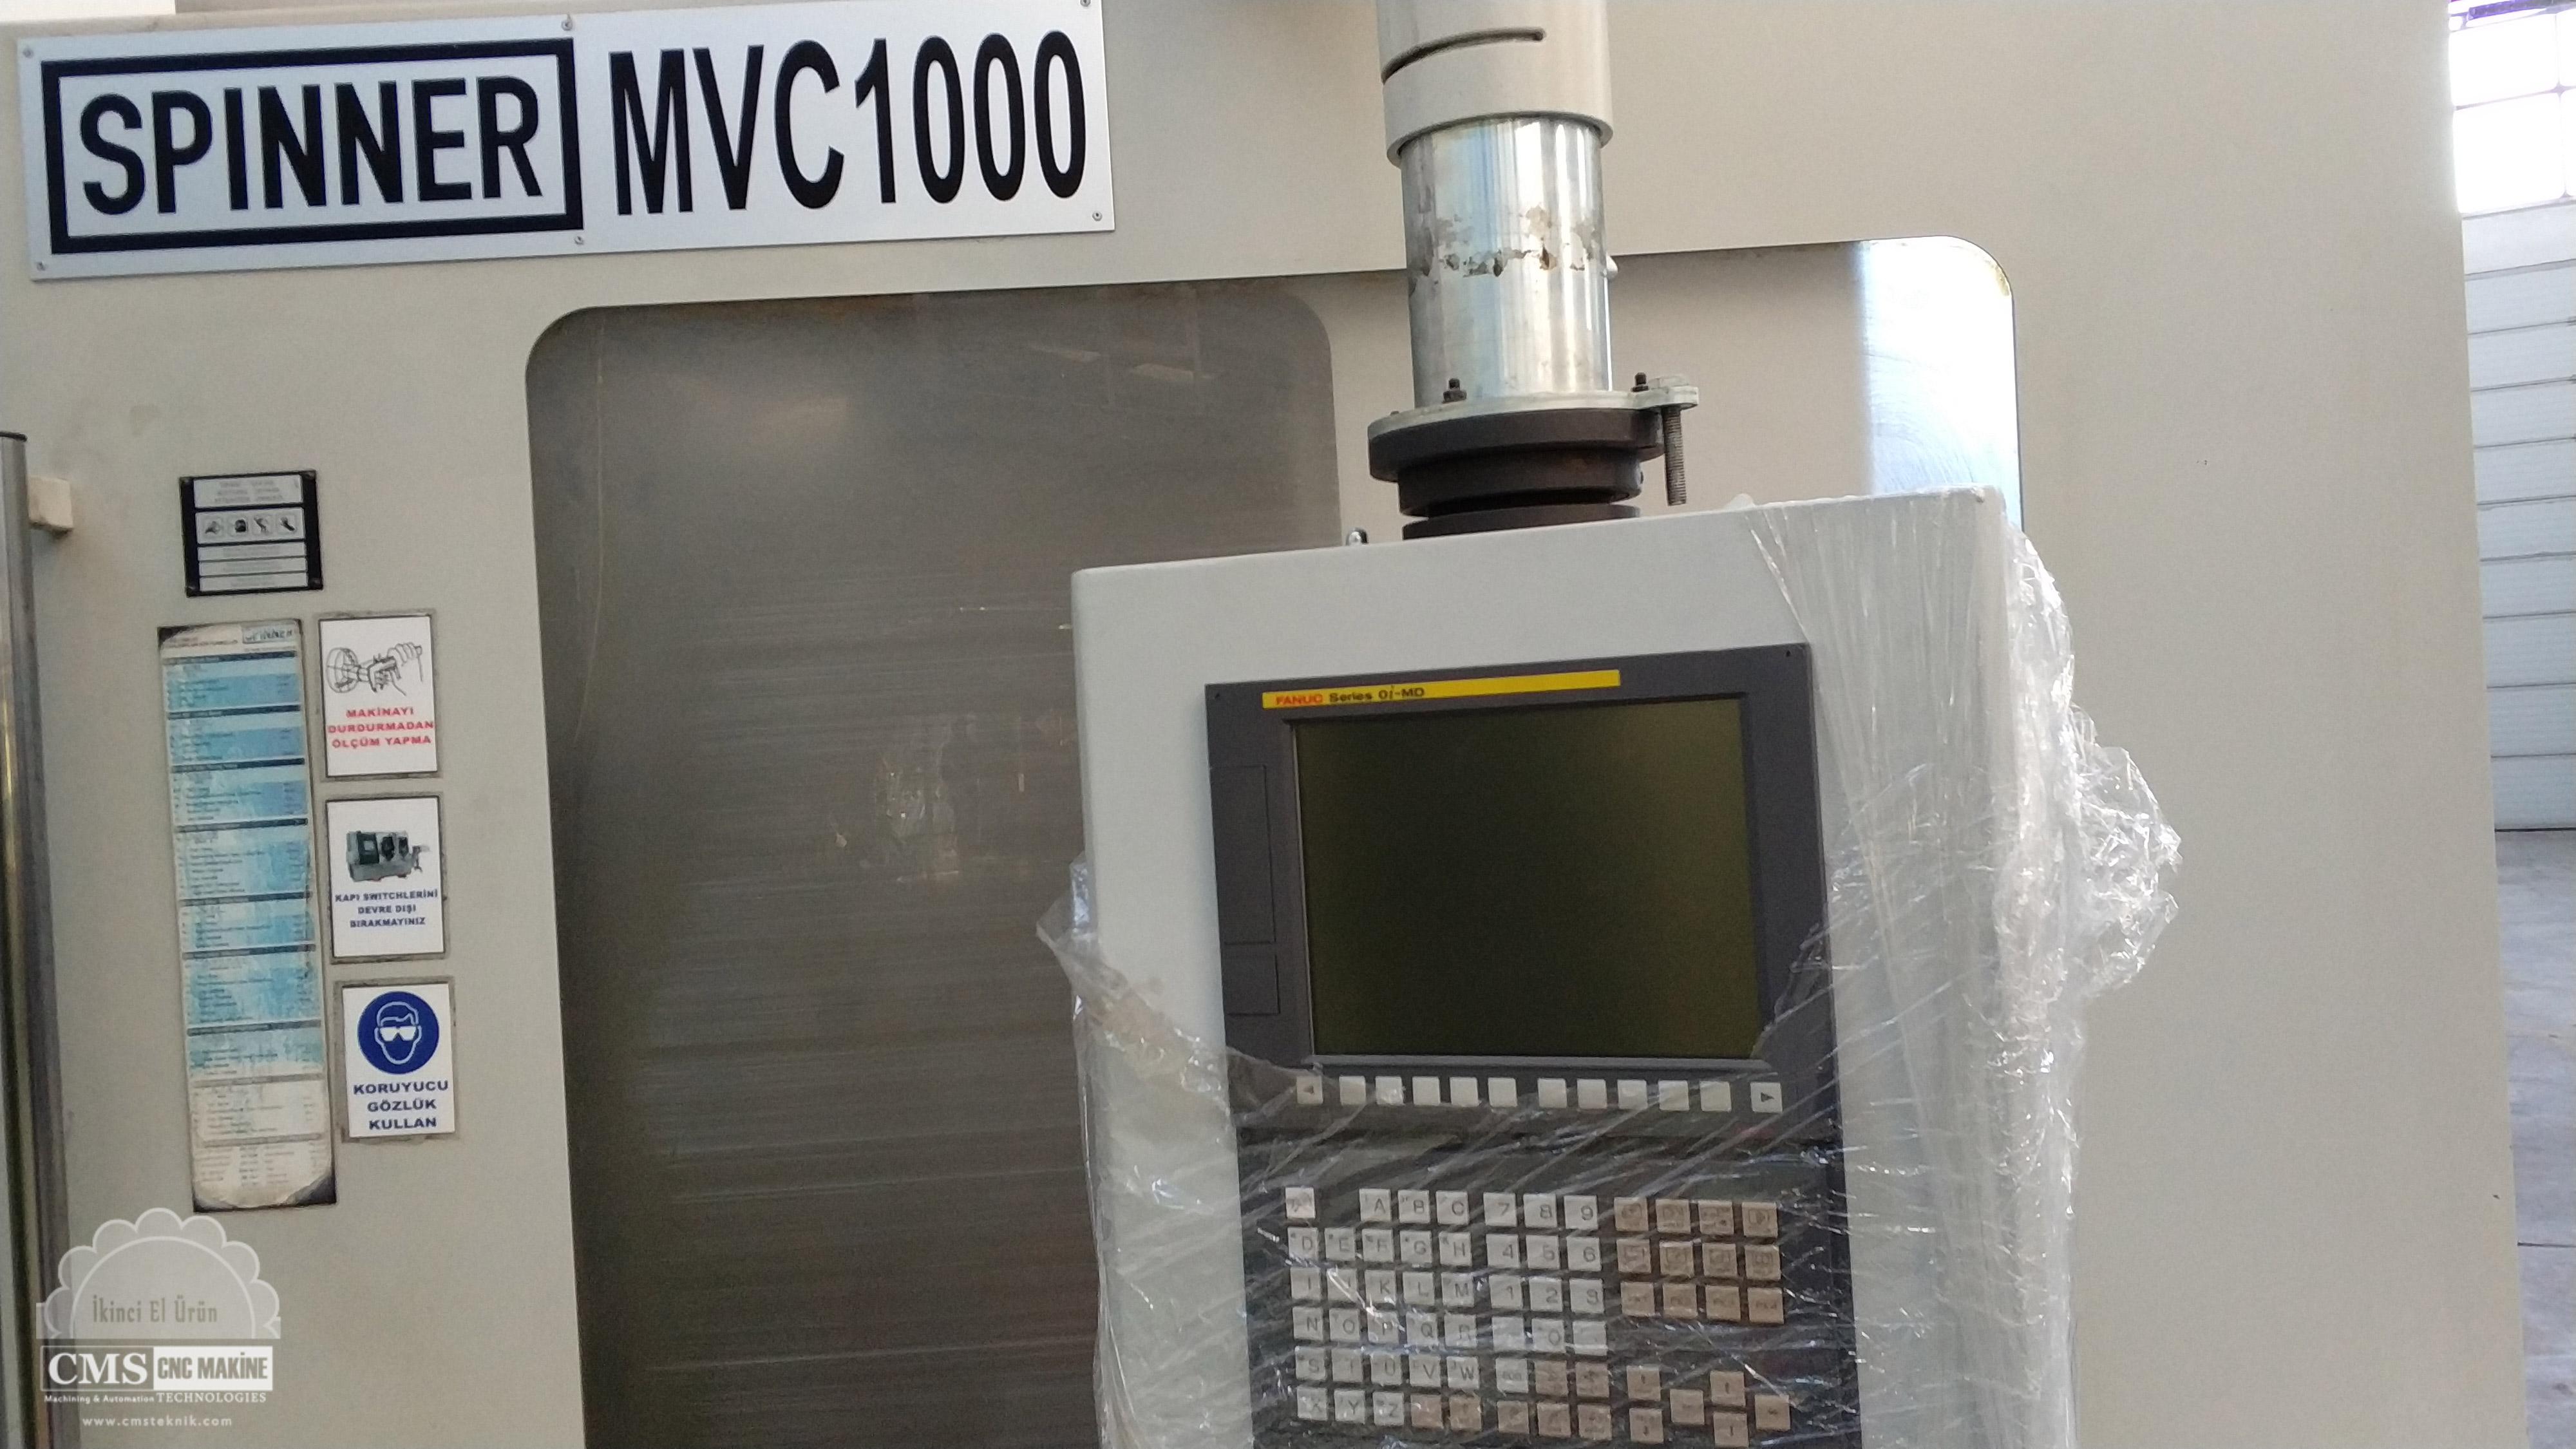 Spinner MVC1000A 2.El Cnc Dik İşleme